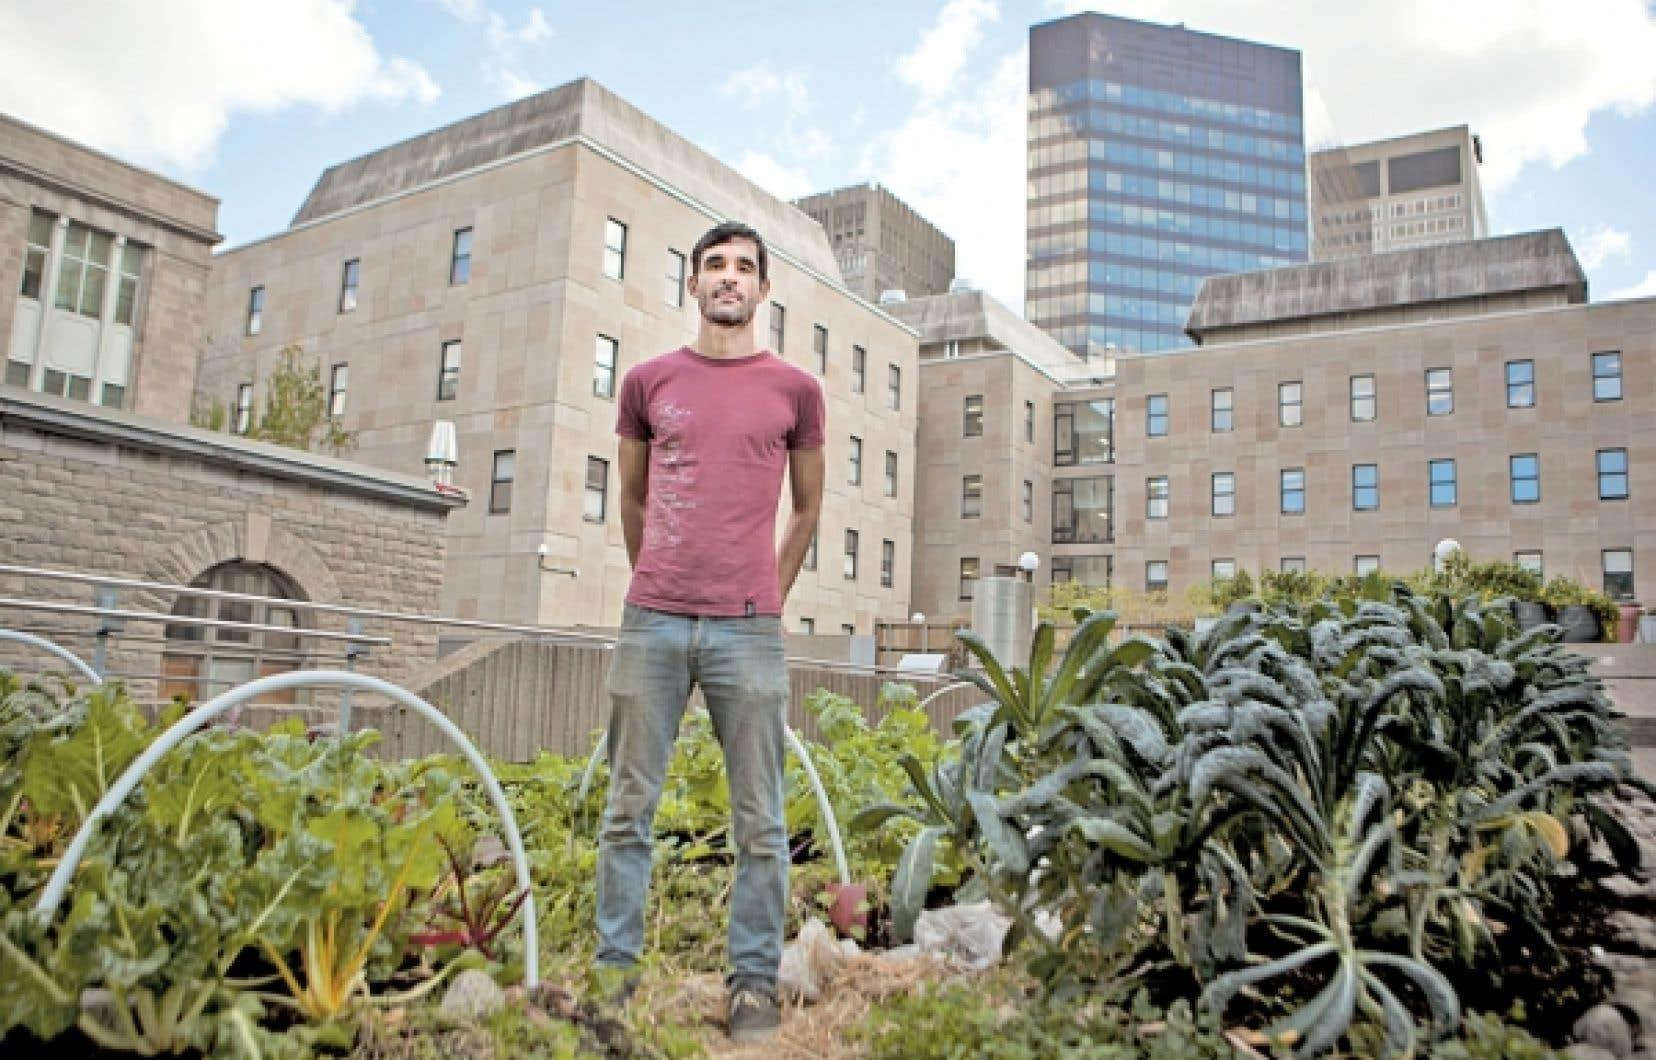 Tim Murphy, directeur de l'agriculture urbaine au Santropol roulant, se réjouit de la tenue du nouvel événement à Montréal, qui permettra de rassembler les producteurs urbains et périurbains. L'organisme communautaire a développé plusieurs jardins, notamment dans l'enceinte de l'Université McGill (notre photo).